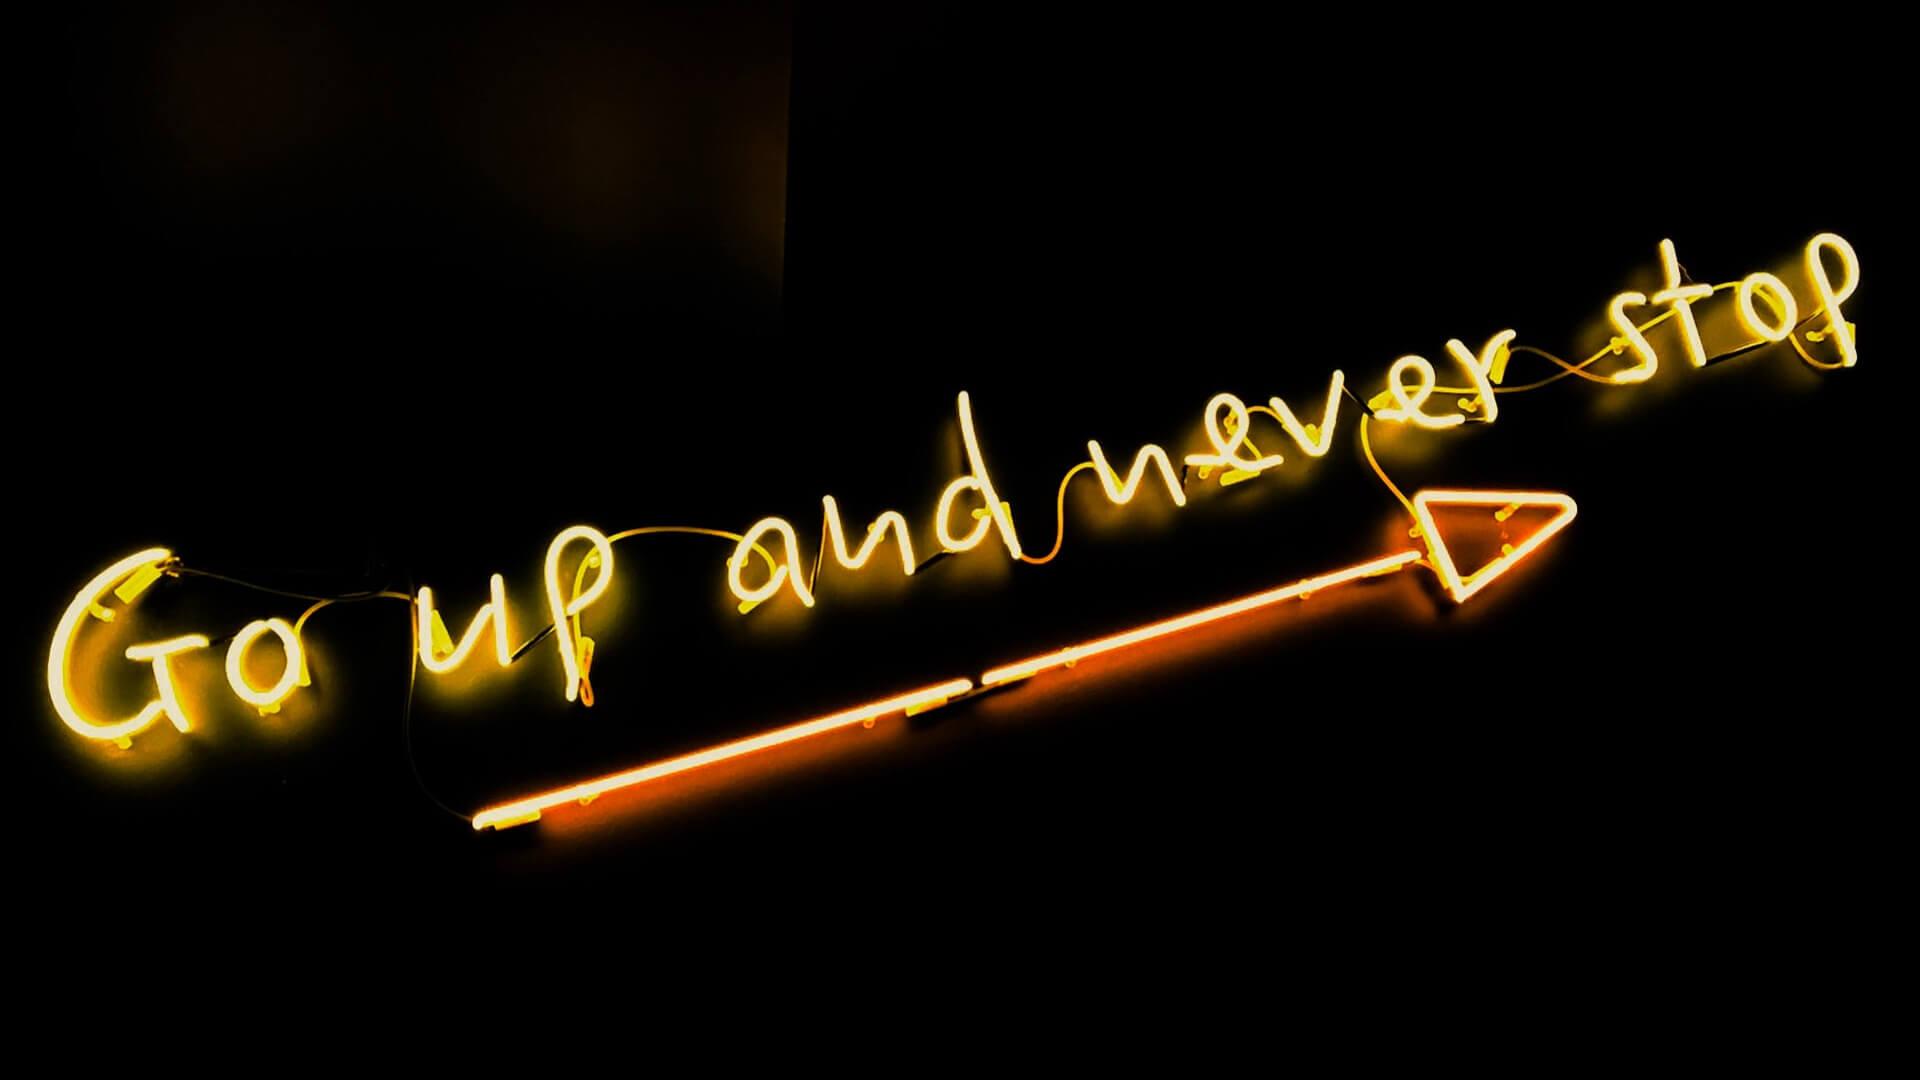 Neon com as palavras Go up and never stop